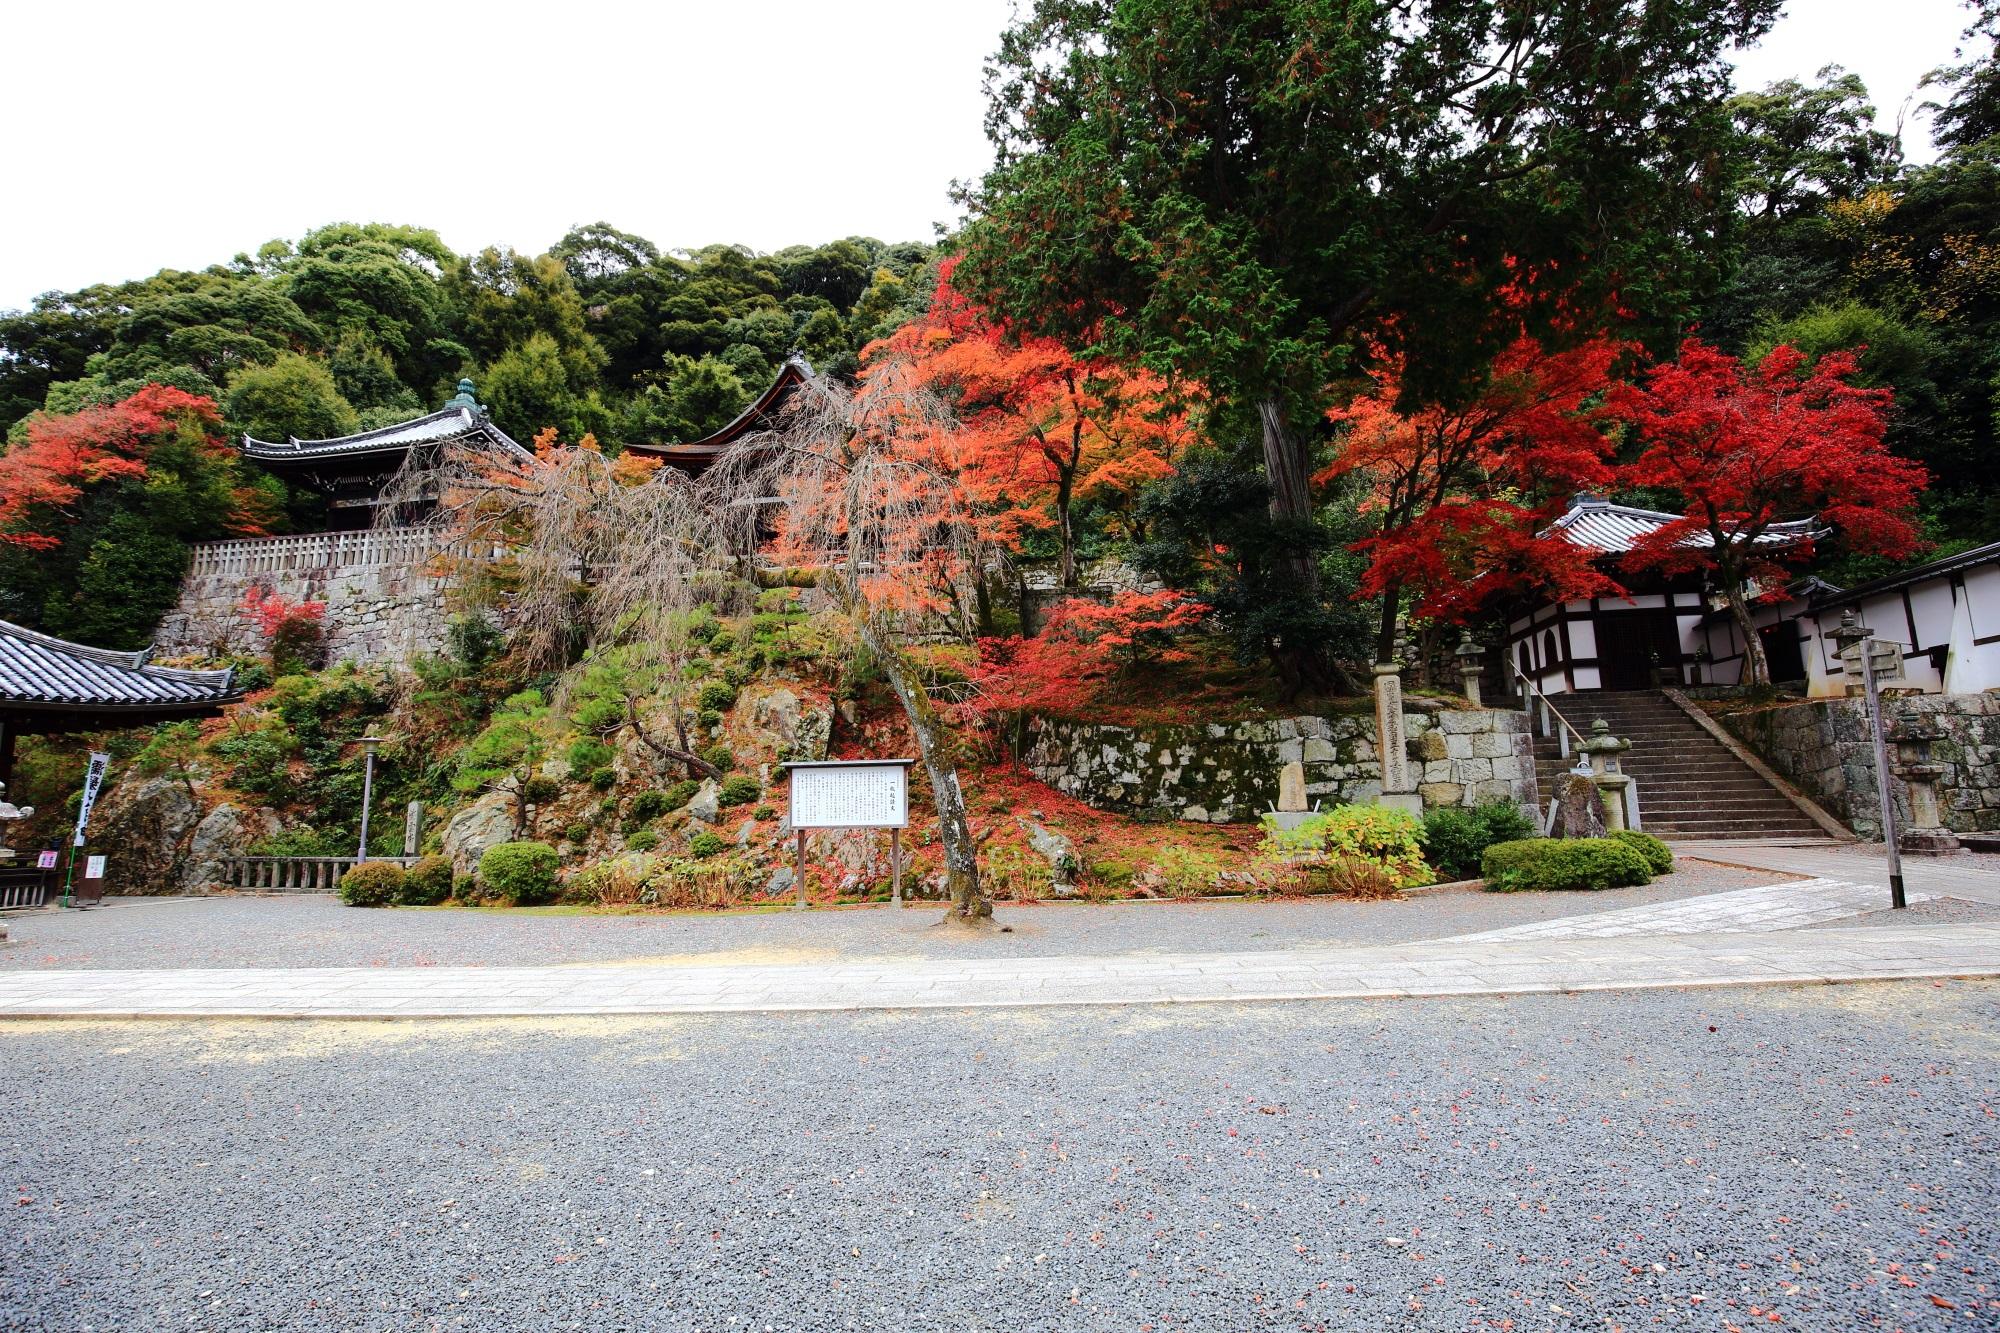 知恩院の御廟の素晴らしい紅葉と情景